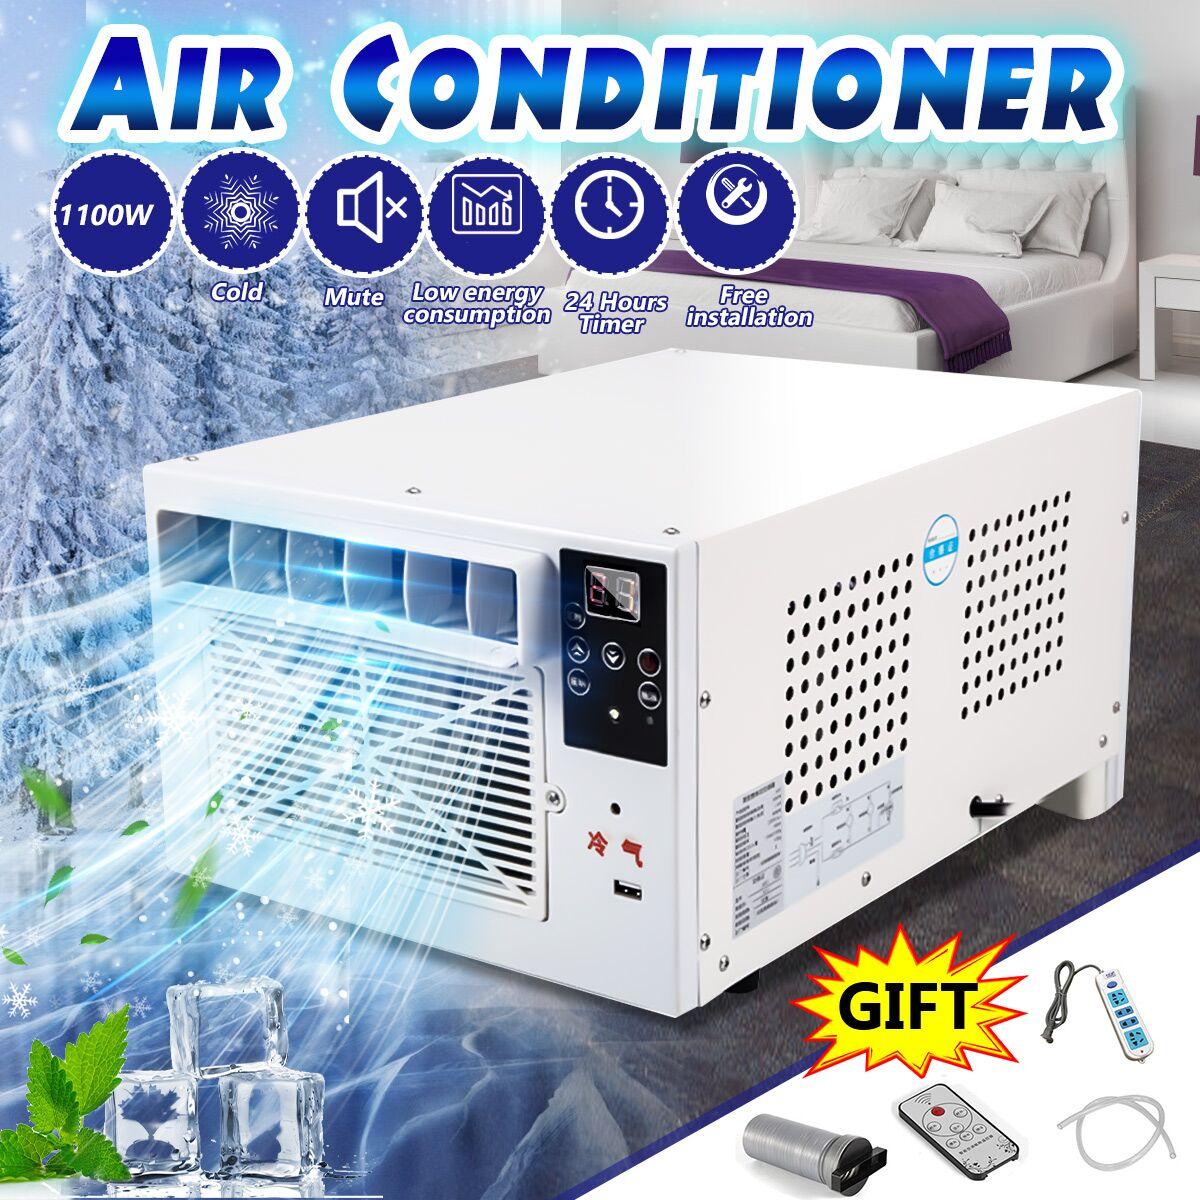 1100 w mini portátil de refrigeração ar condicionado instalação gratuita usb carregamento rápido controle remoto para escritório em casa ao ar livre indústria